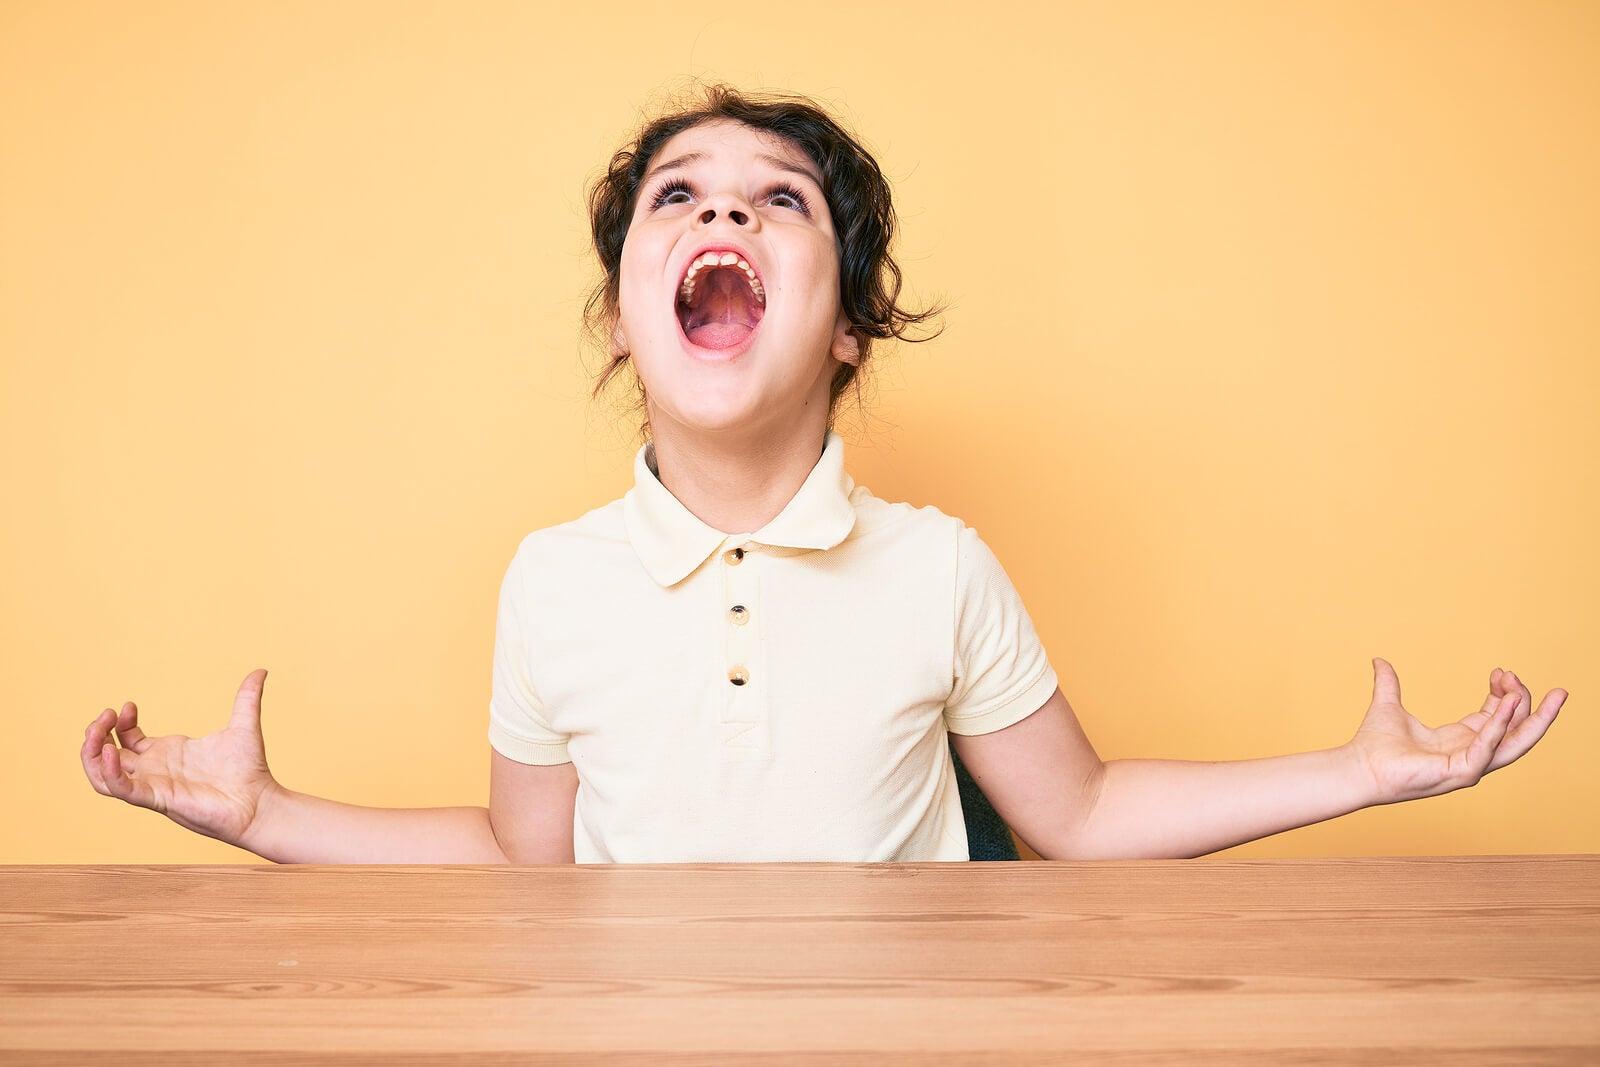 Niña gritando porque no comprenden que le pregunten por qué los niños se vuelven agresivos.